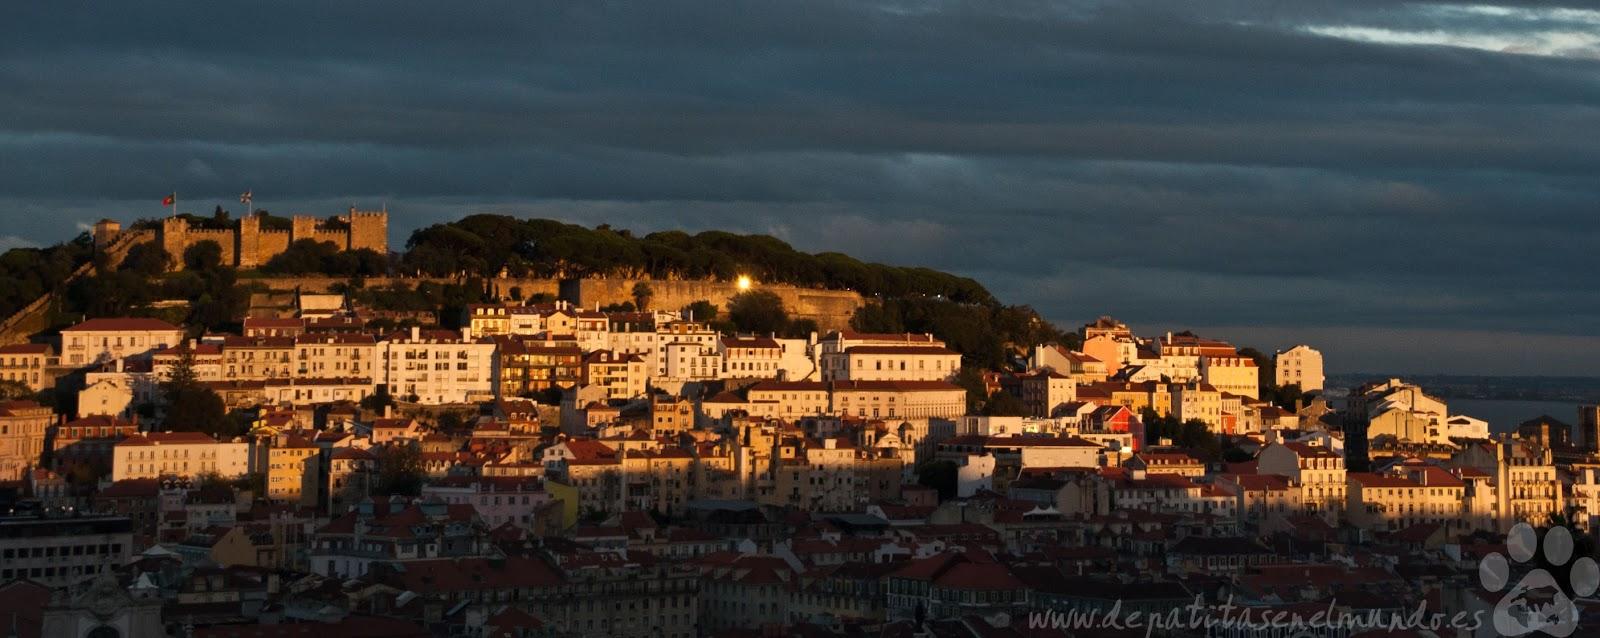 Mirador de San pedro de Alcantara en Lisboa